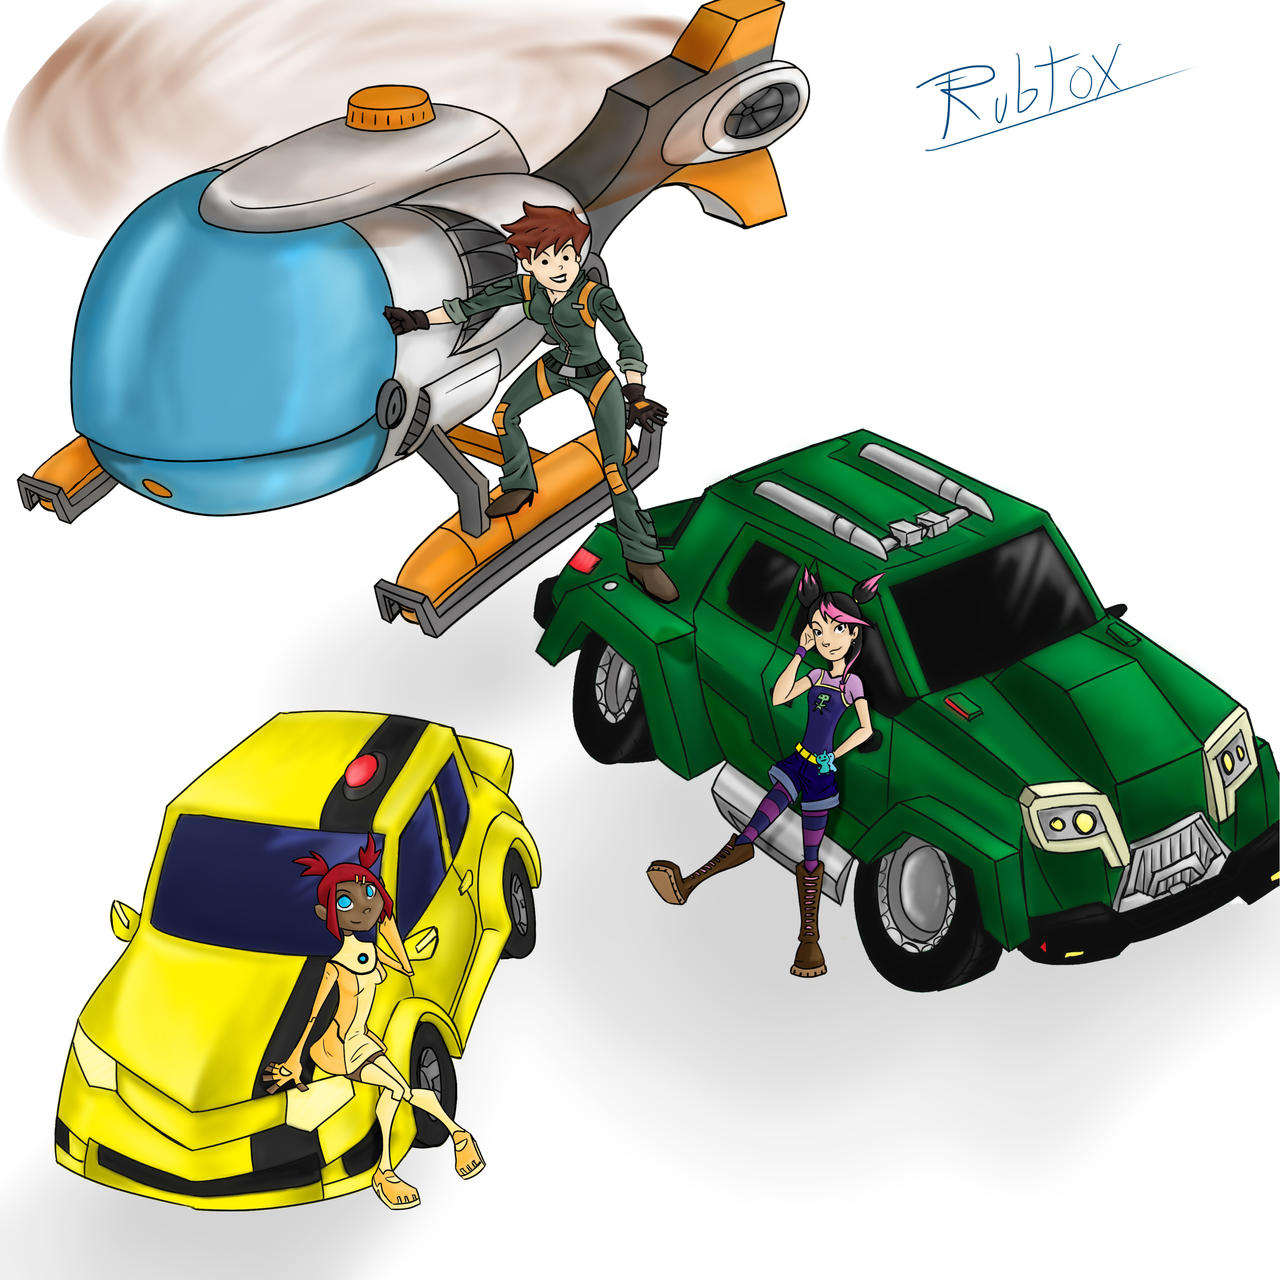 3former by rubtox